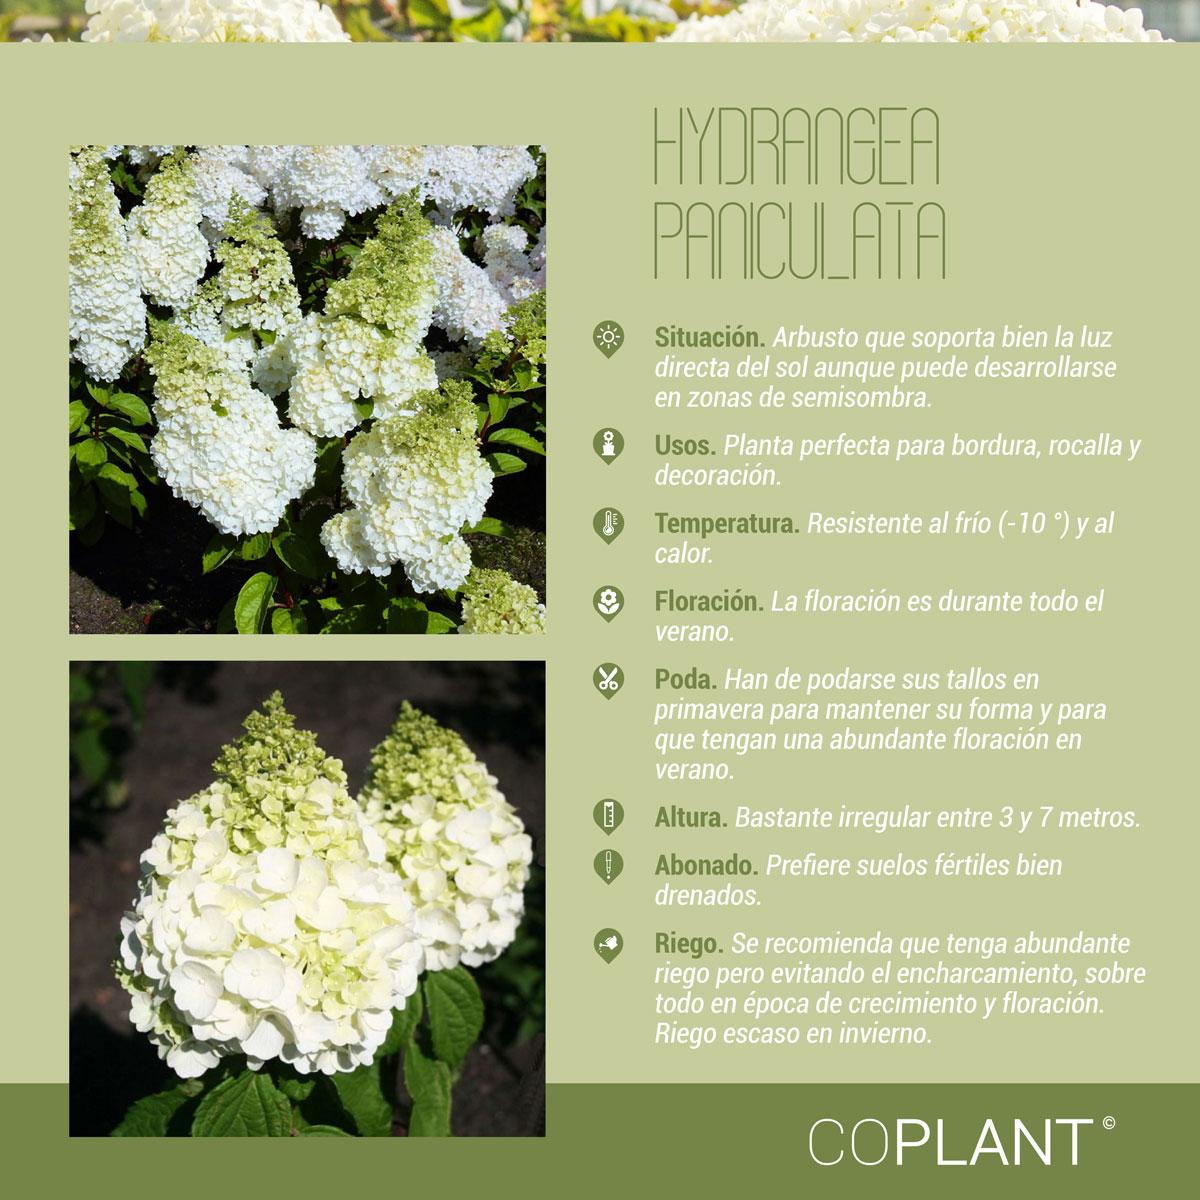 Días de sol - Hydrangea Paniculata